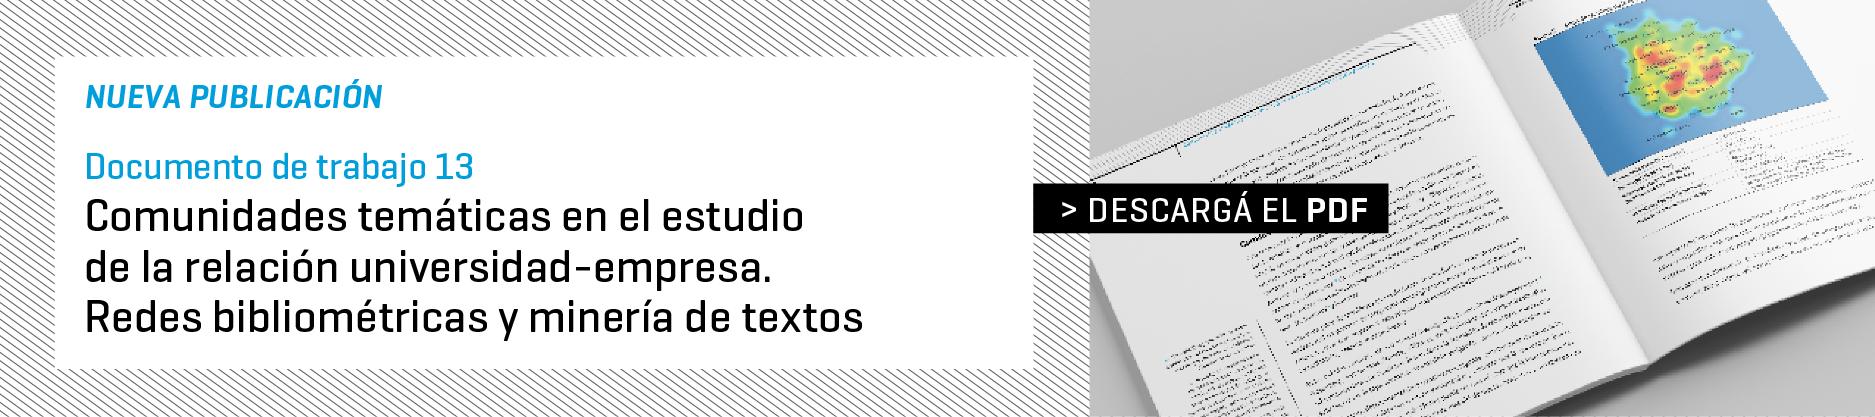 banner-web-900x200px_agosto2018_nueva-publicación_DT13